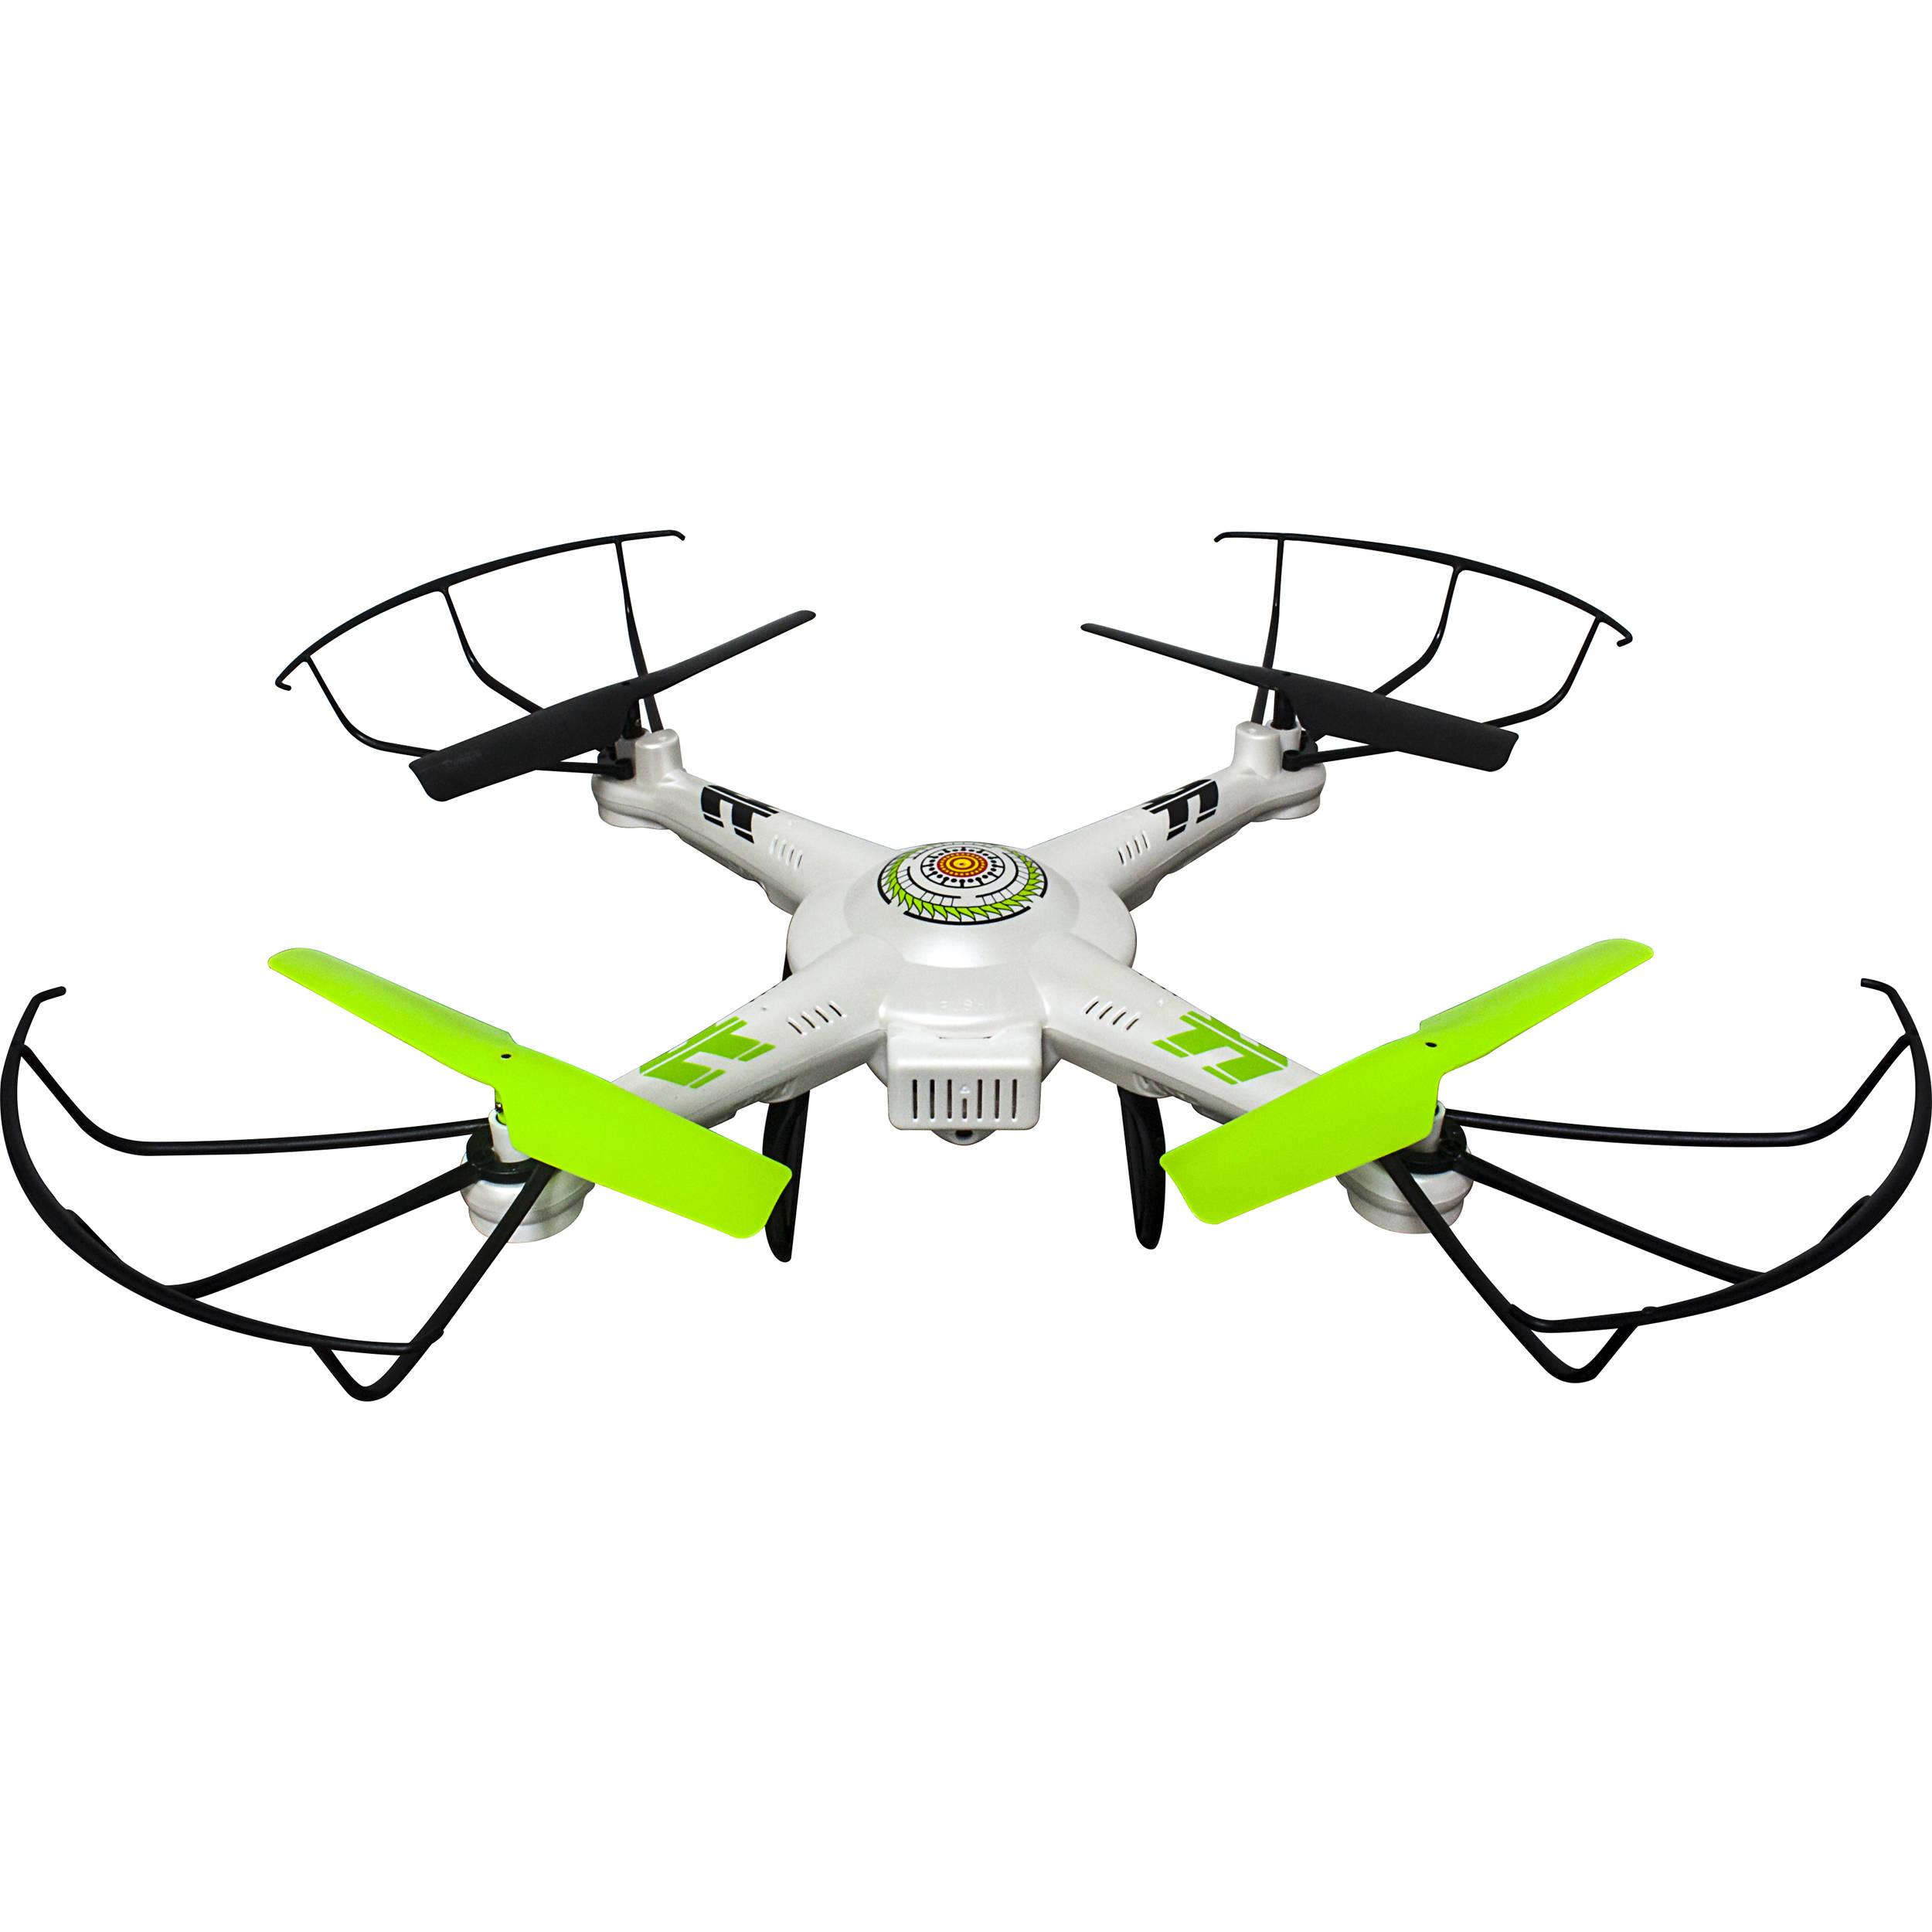 2500x2500 quadrone vision quadcopter aw qdr pov bamph photo video